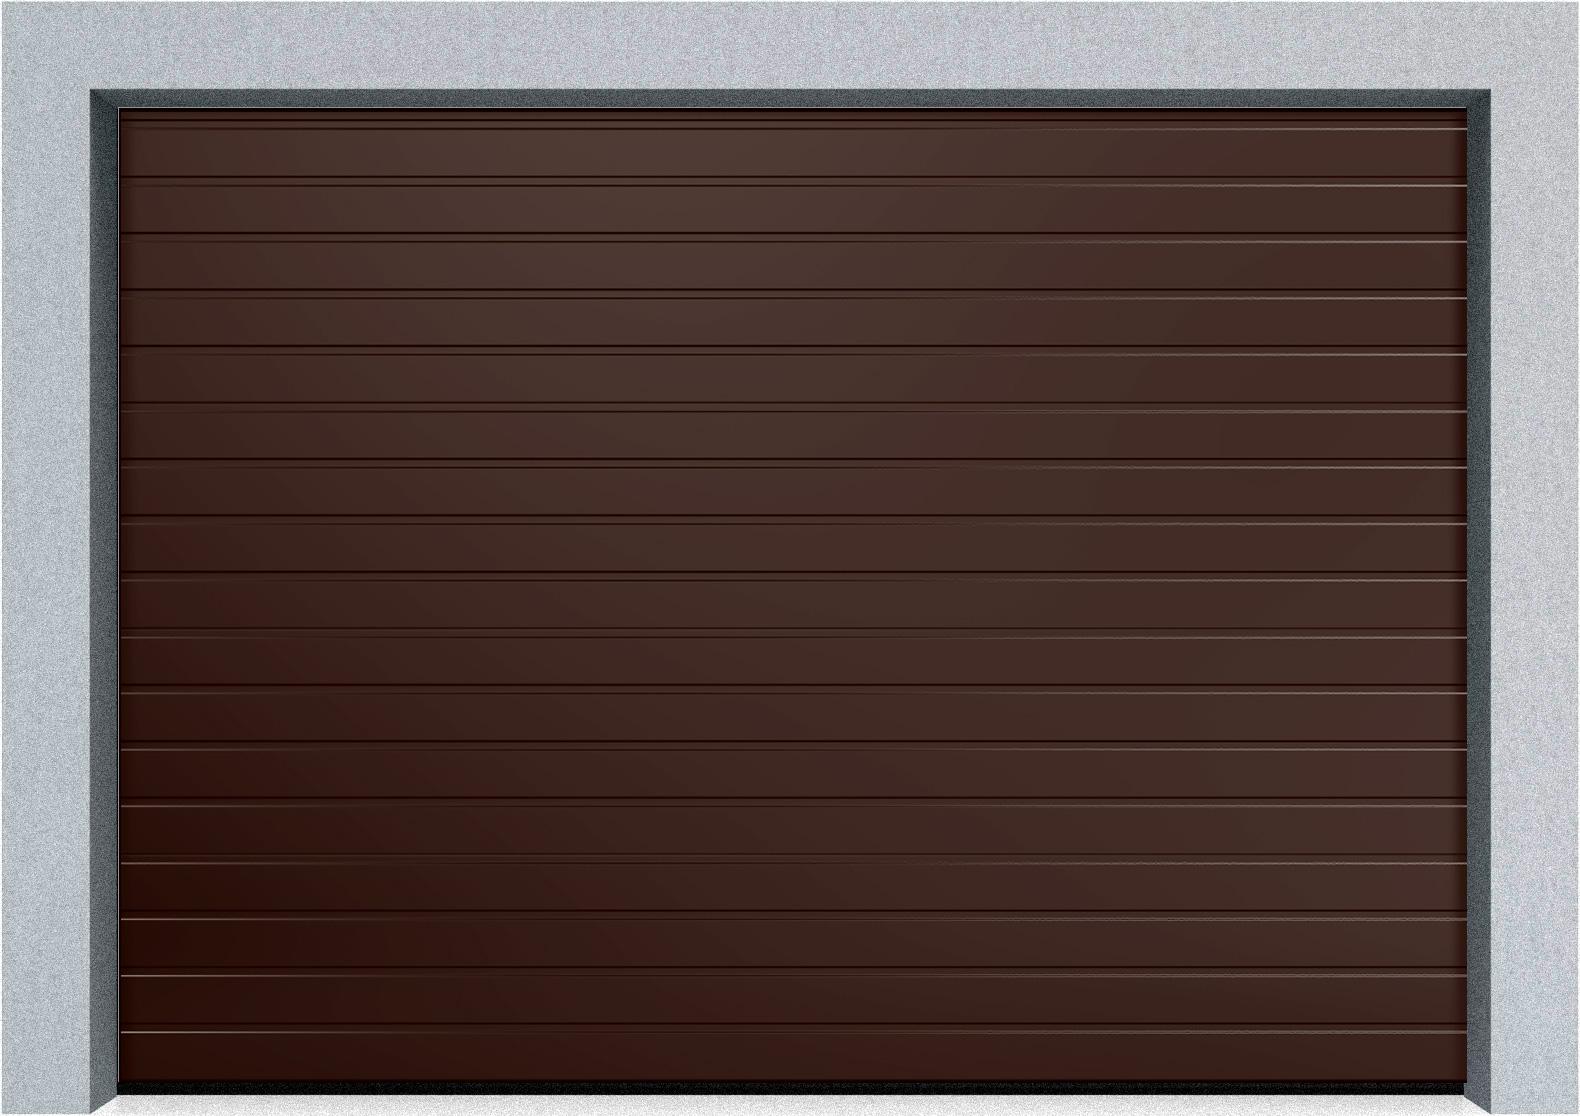 Секционные гаражные ворота Alutech Trend 1875x2250 S-гофр, Микроволна стандартные цвета, пружины растяжения, фото 3